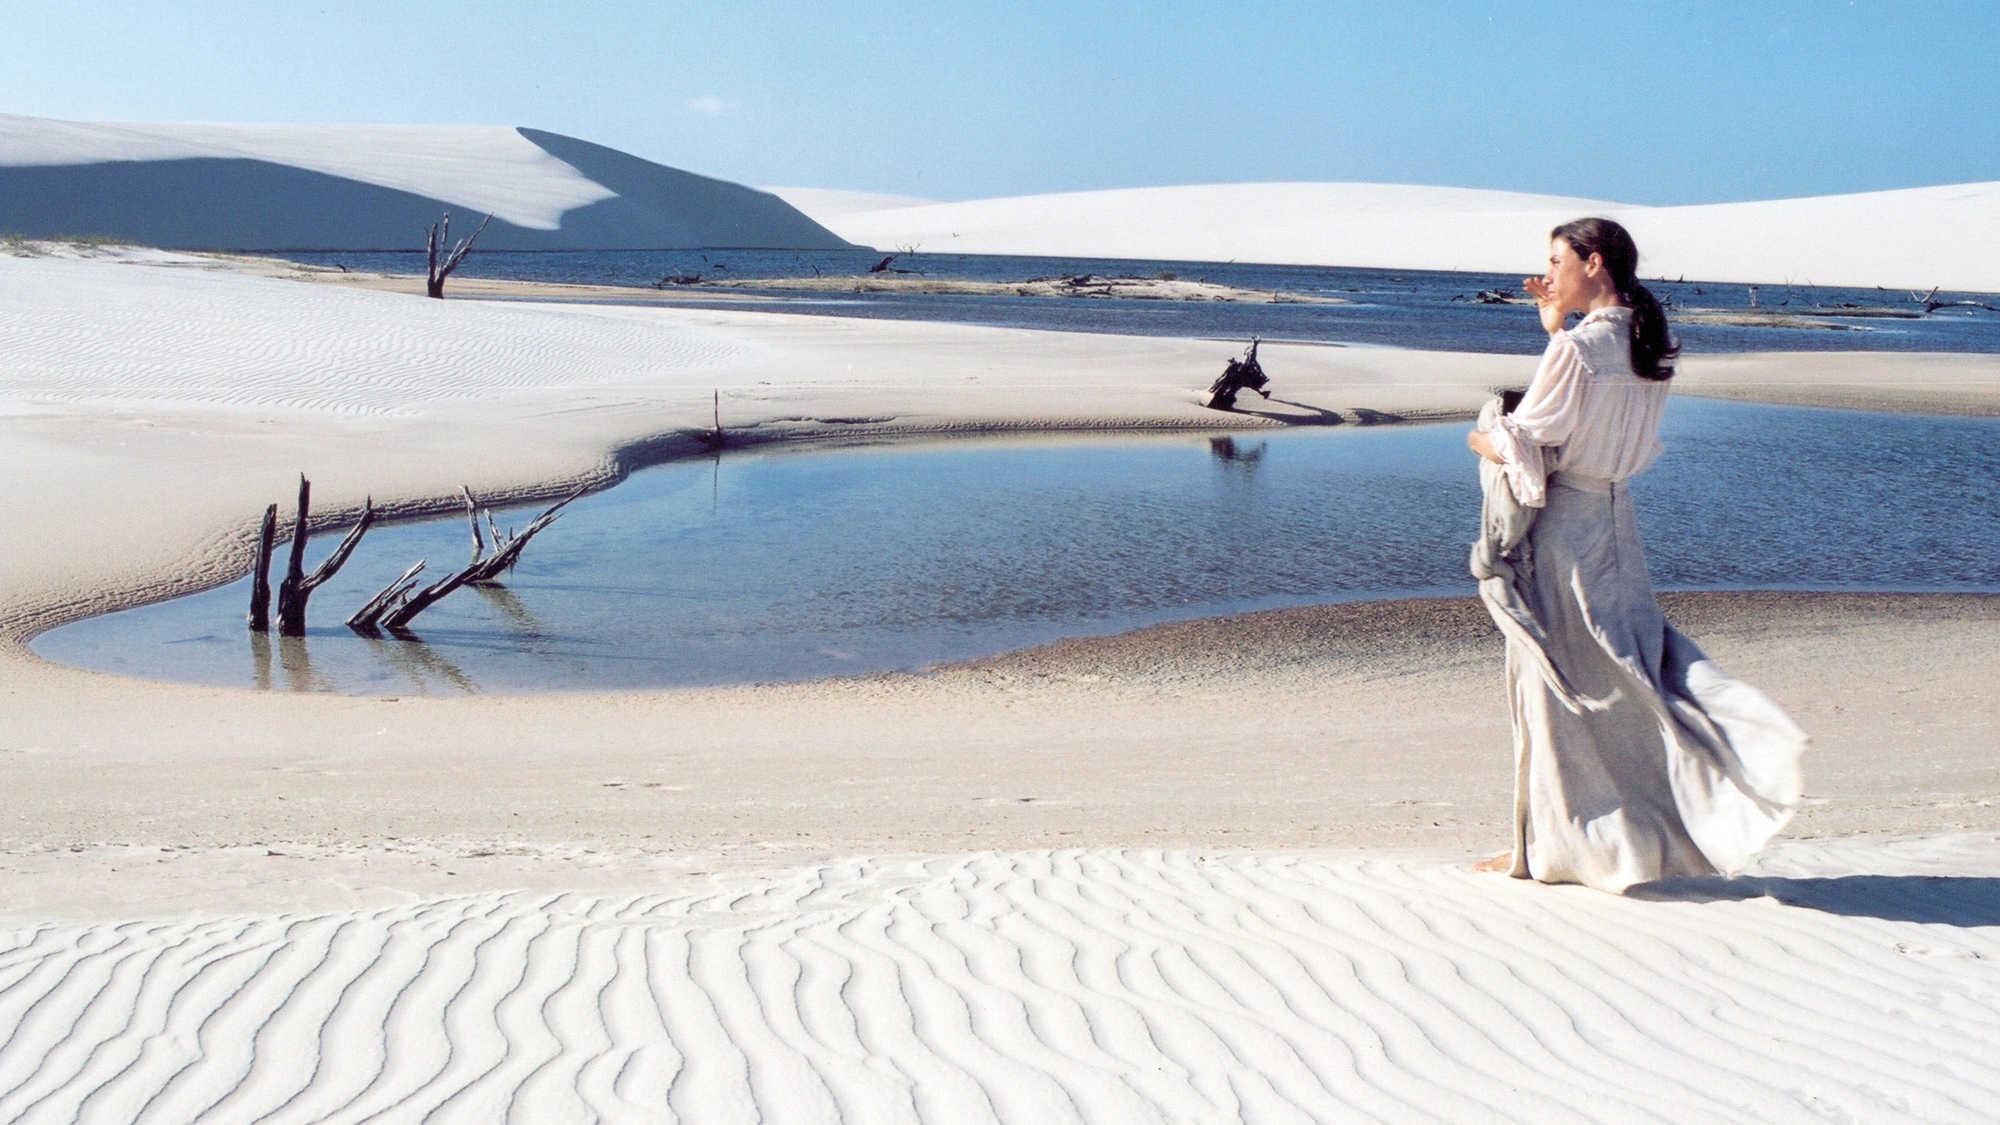 Casa de Areia (House of Sand)